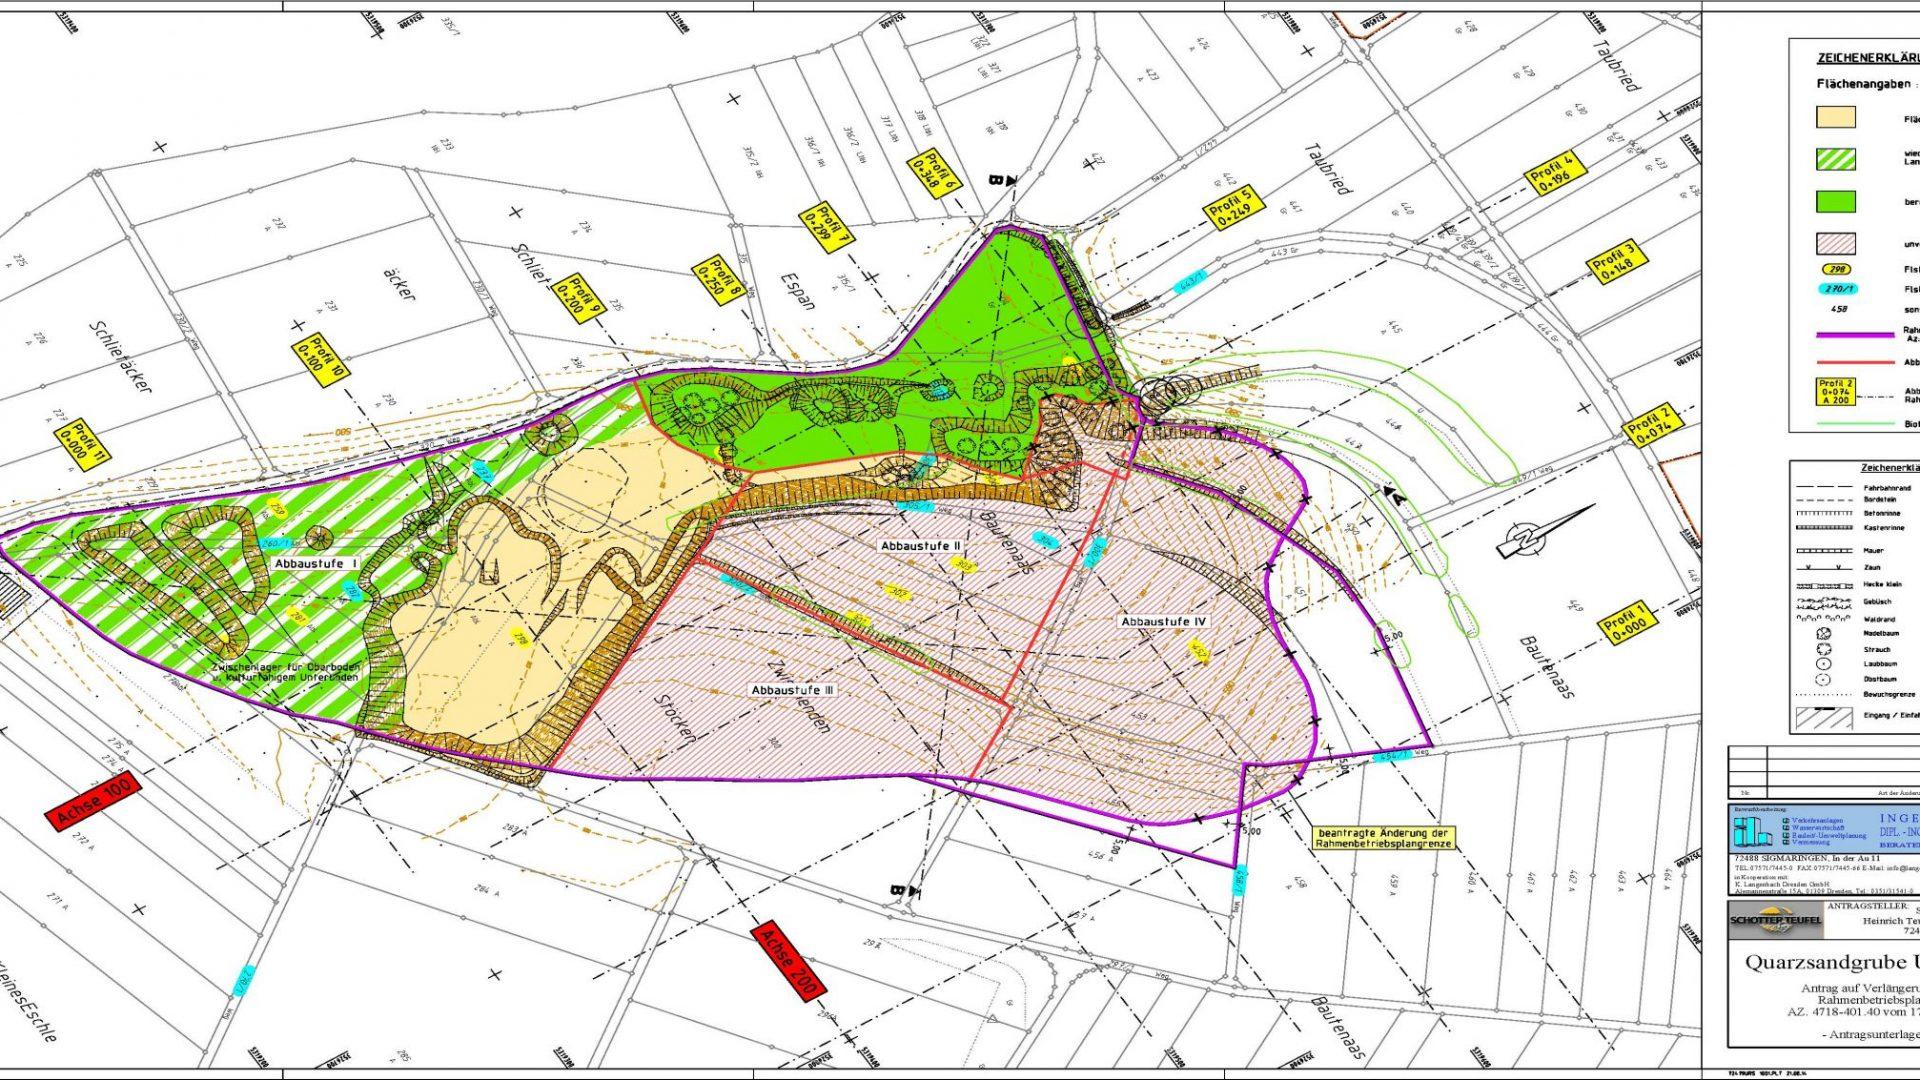 Quarzsandgrube Ursendorf <br><h4>(Antrag auf Verlängerung des Rahmenbetriebsplans)</h4>